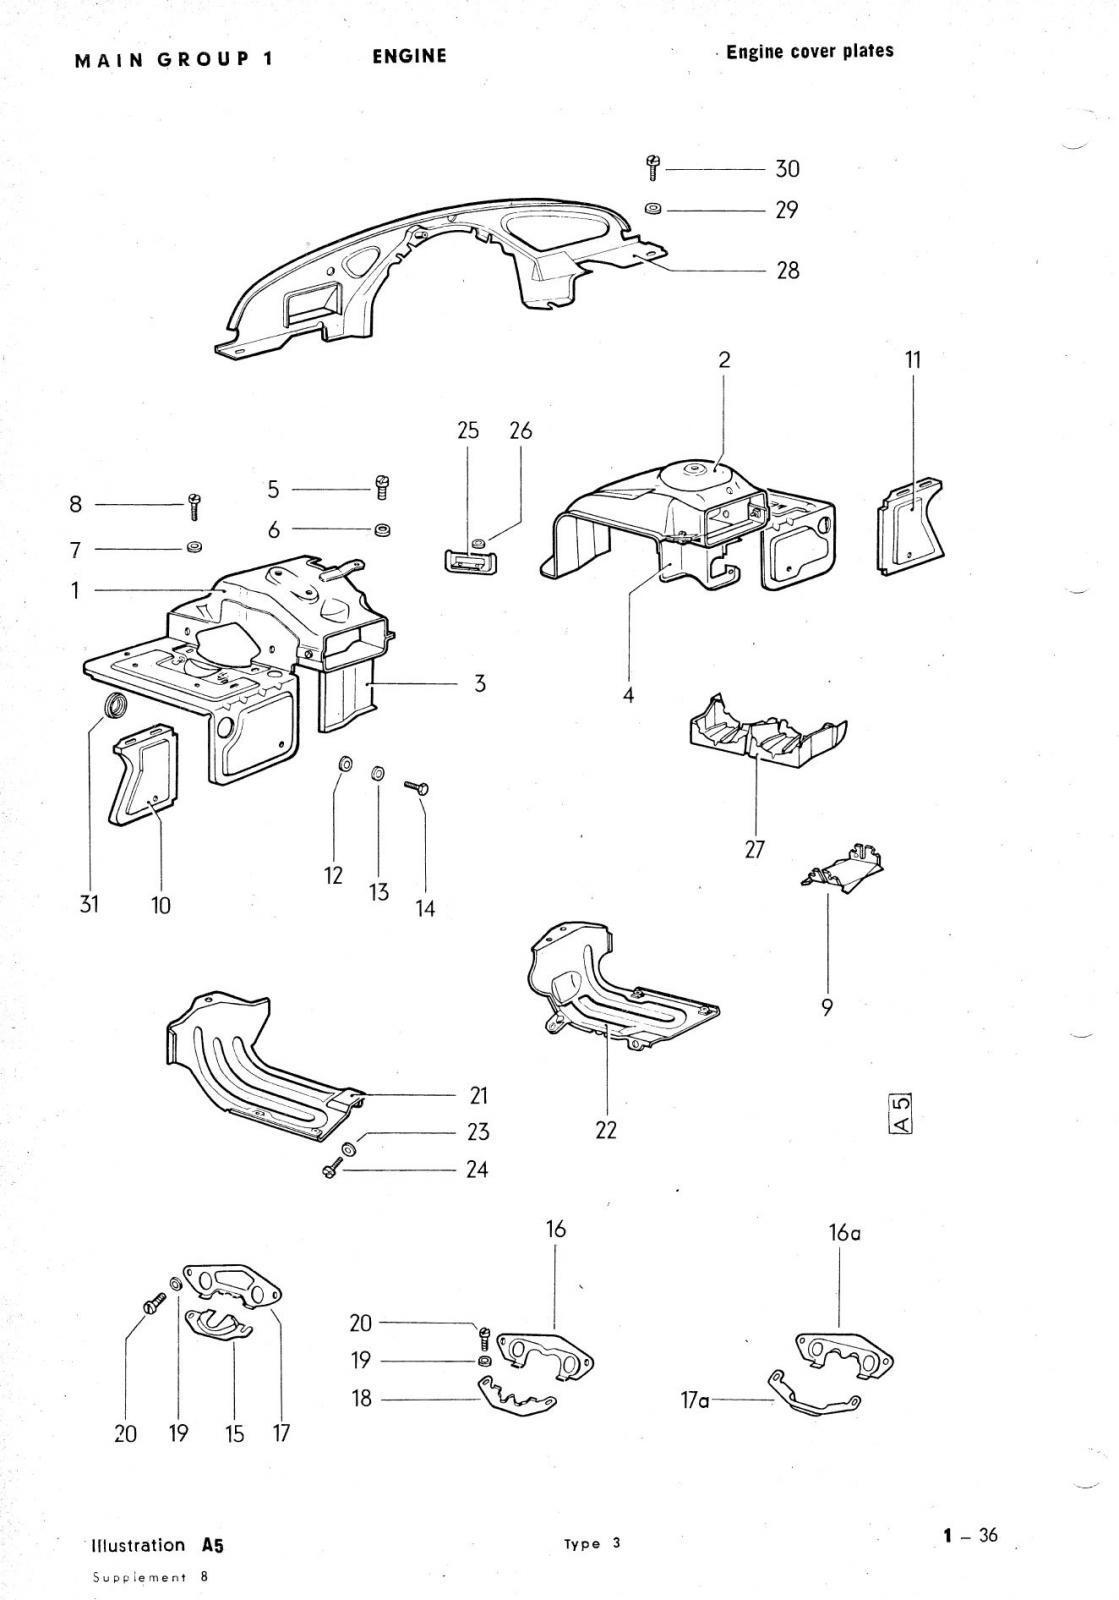 vw engine tin diagram - data wiring diagram meet-agree-a -  meet-agree-a.vivarelliauto.it  vivarelliauto.it